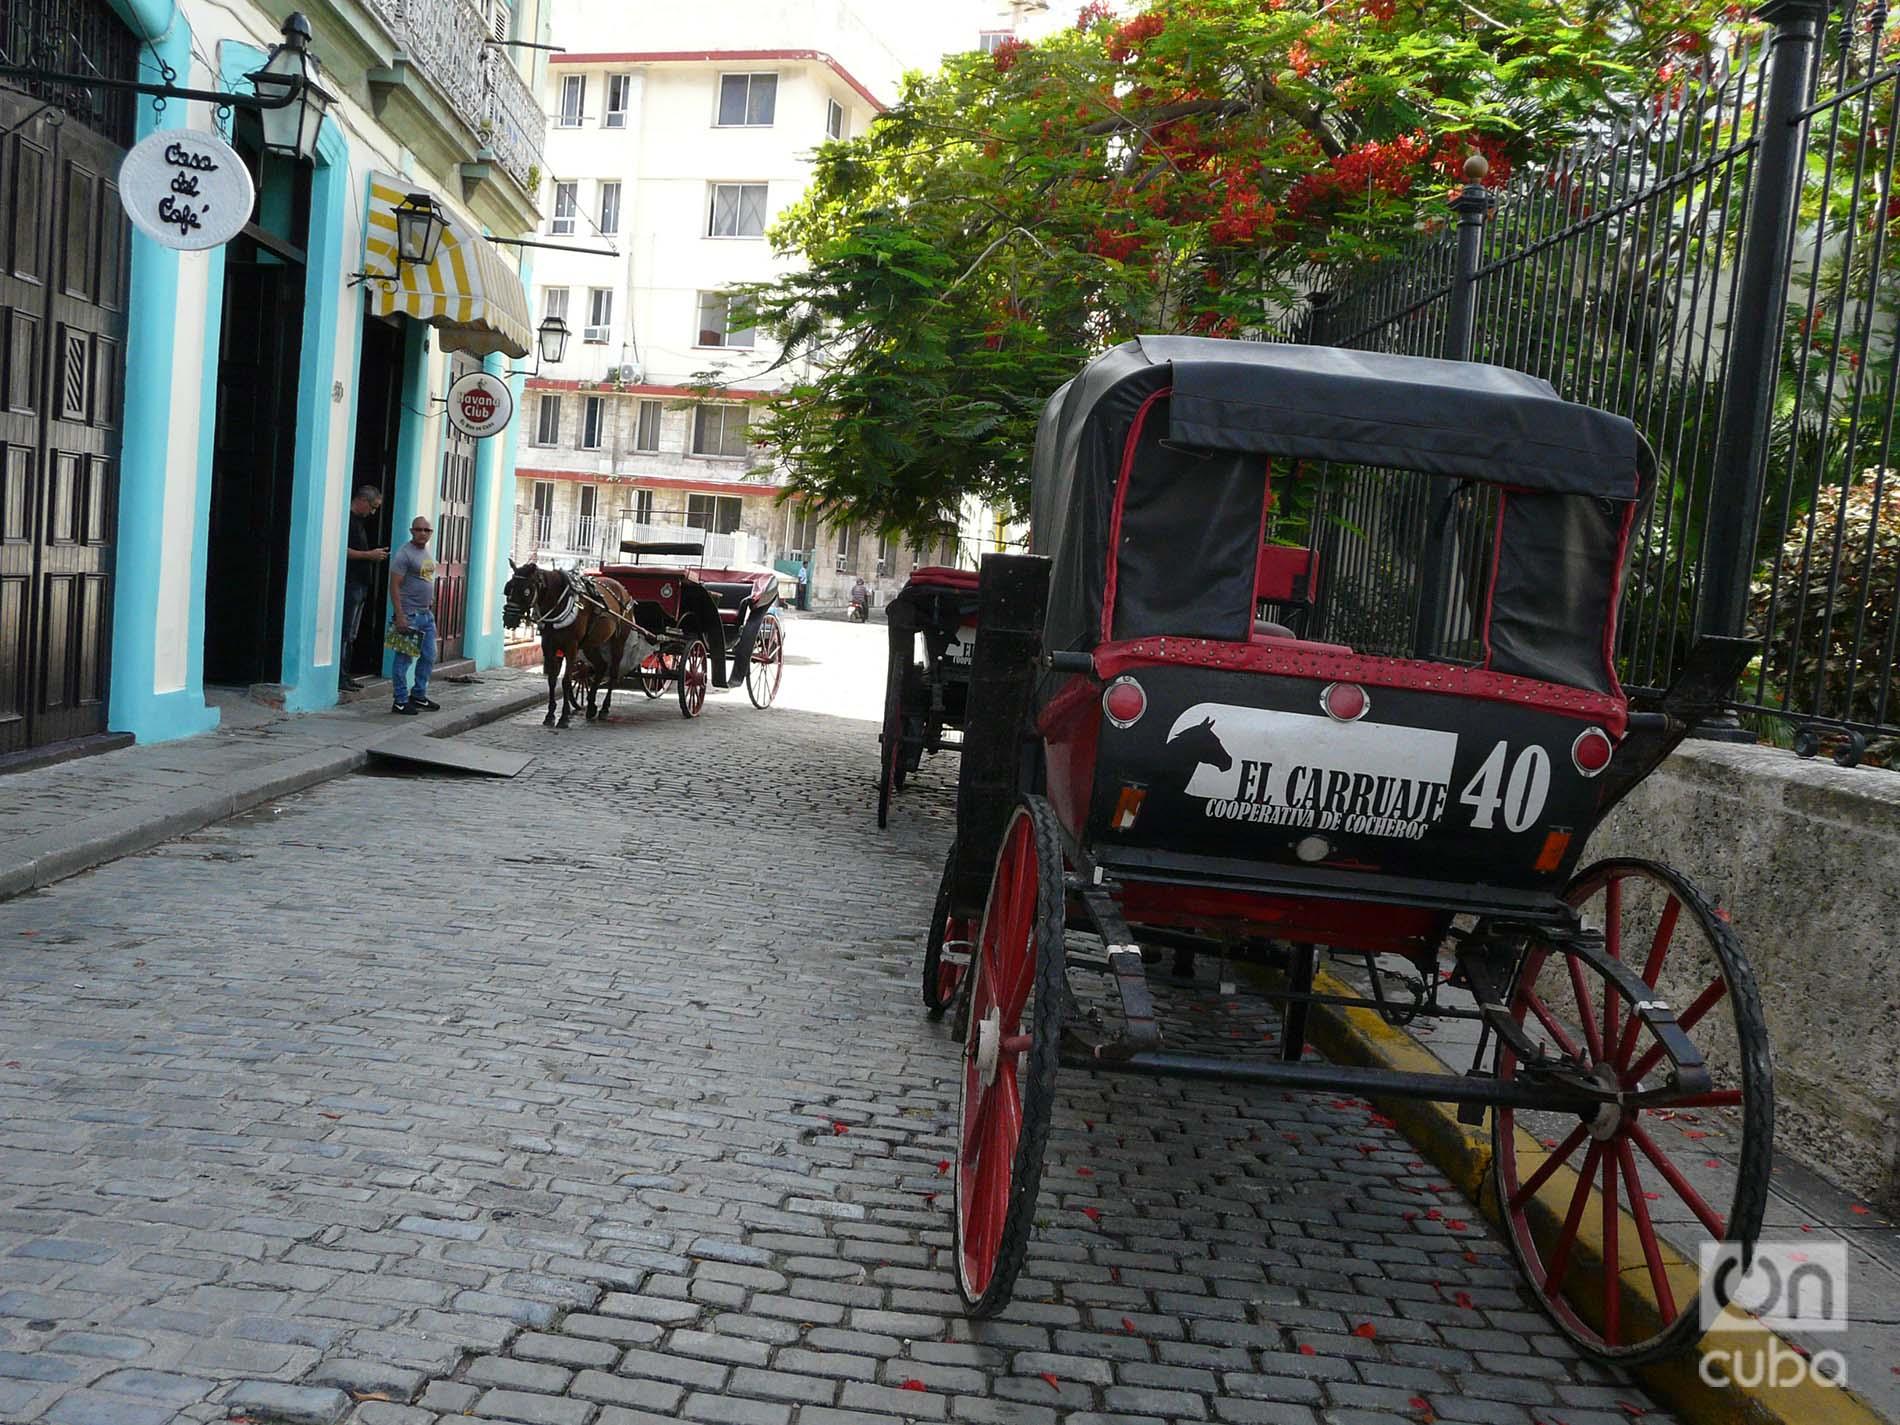 Coches ociosos en la Habana Vieja. Foto: Ángel Marqués Dolz.